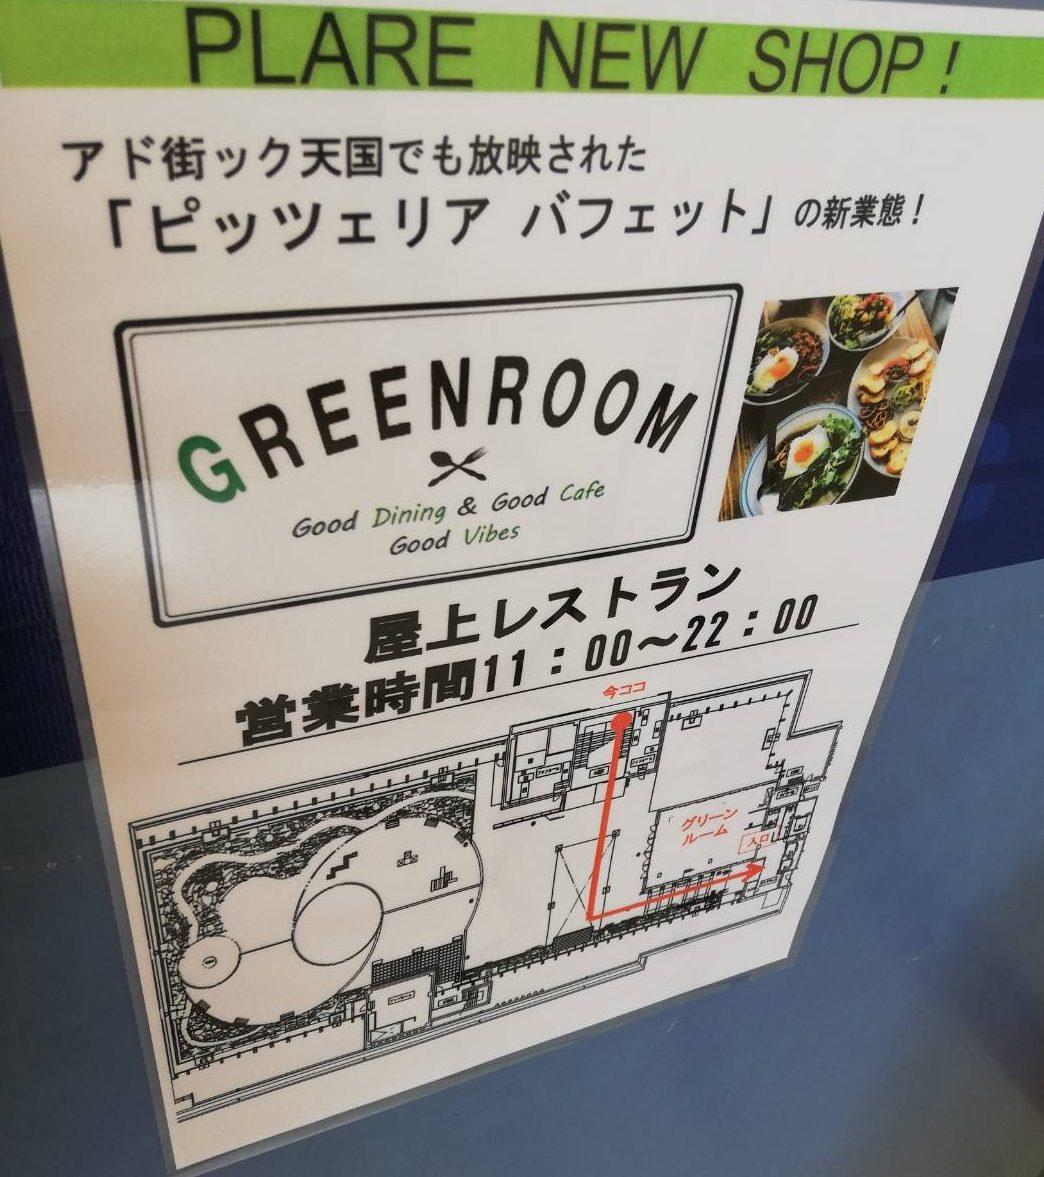 松戸 グリーン ルーム